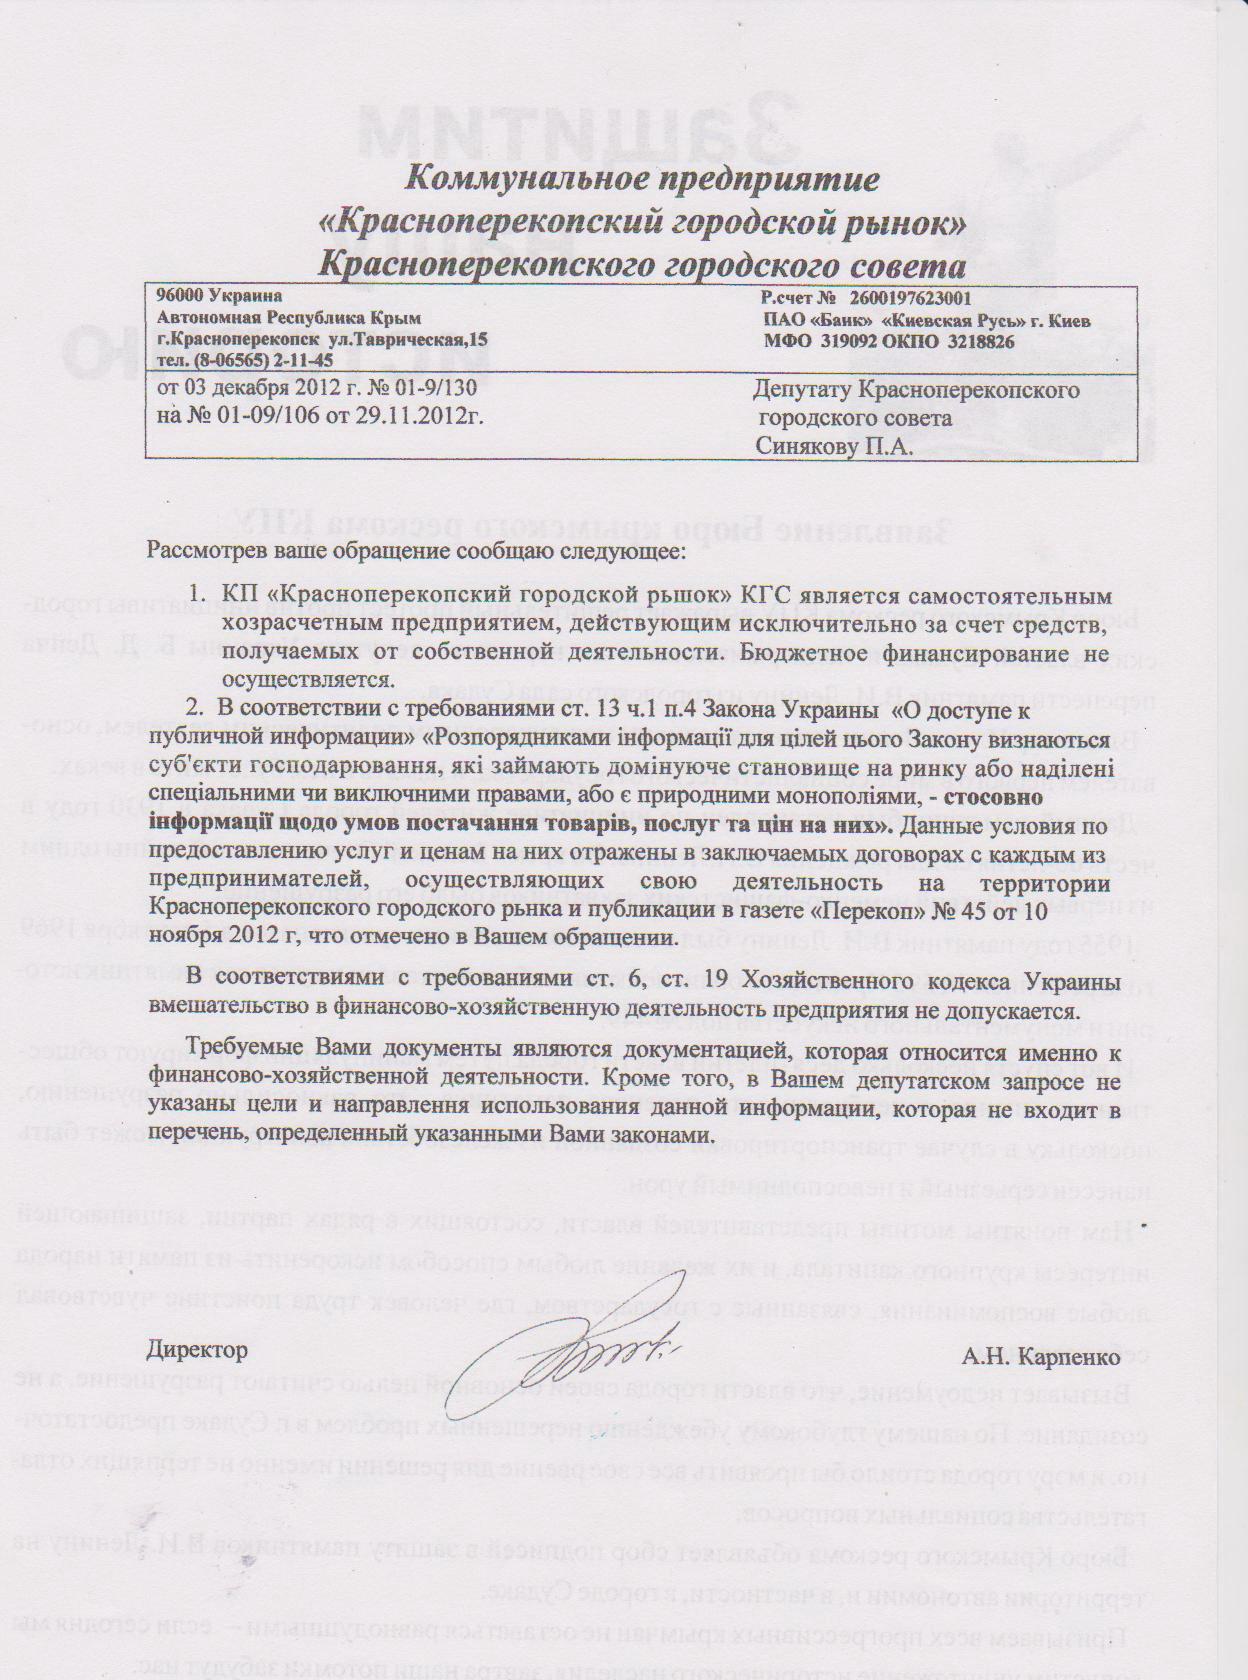 Скан Синяков